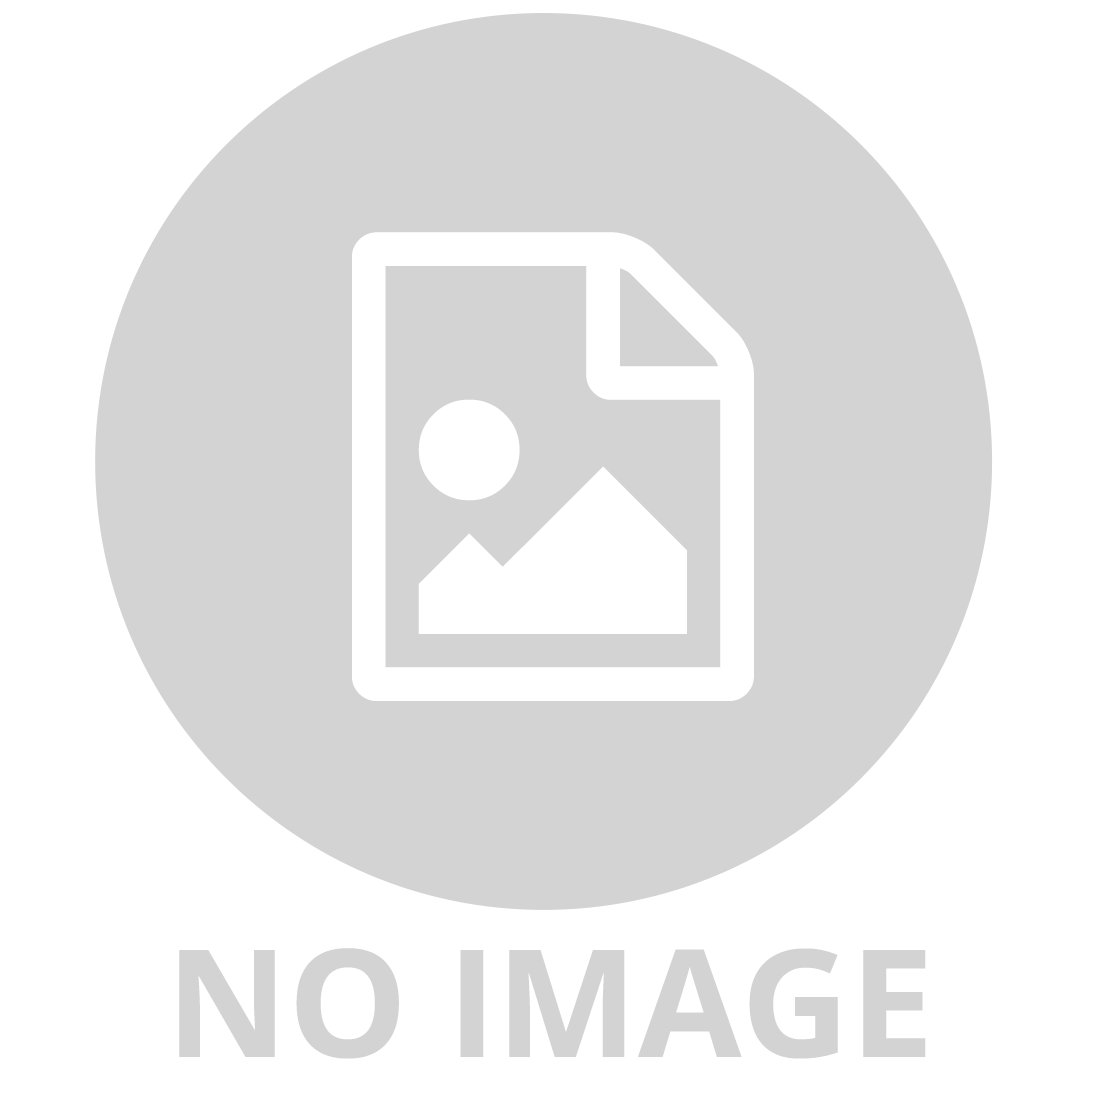 NERF ULTRA REFILL 20X